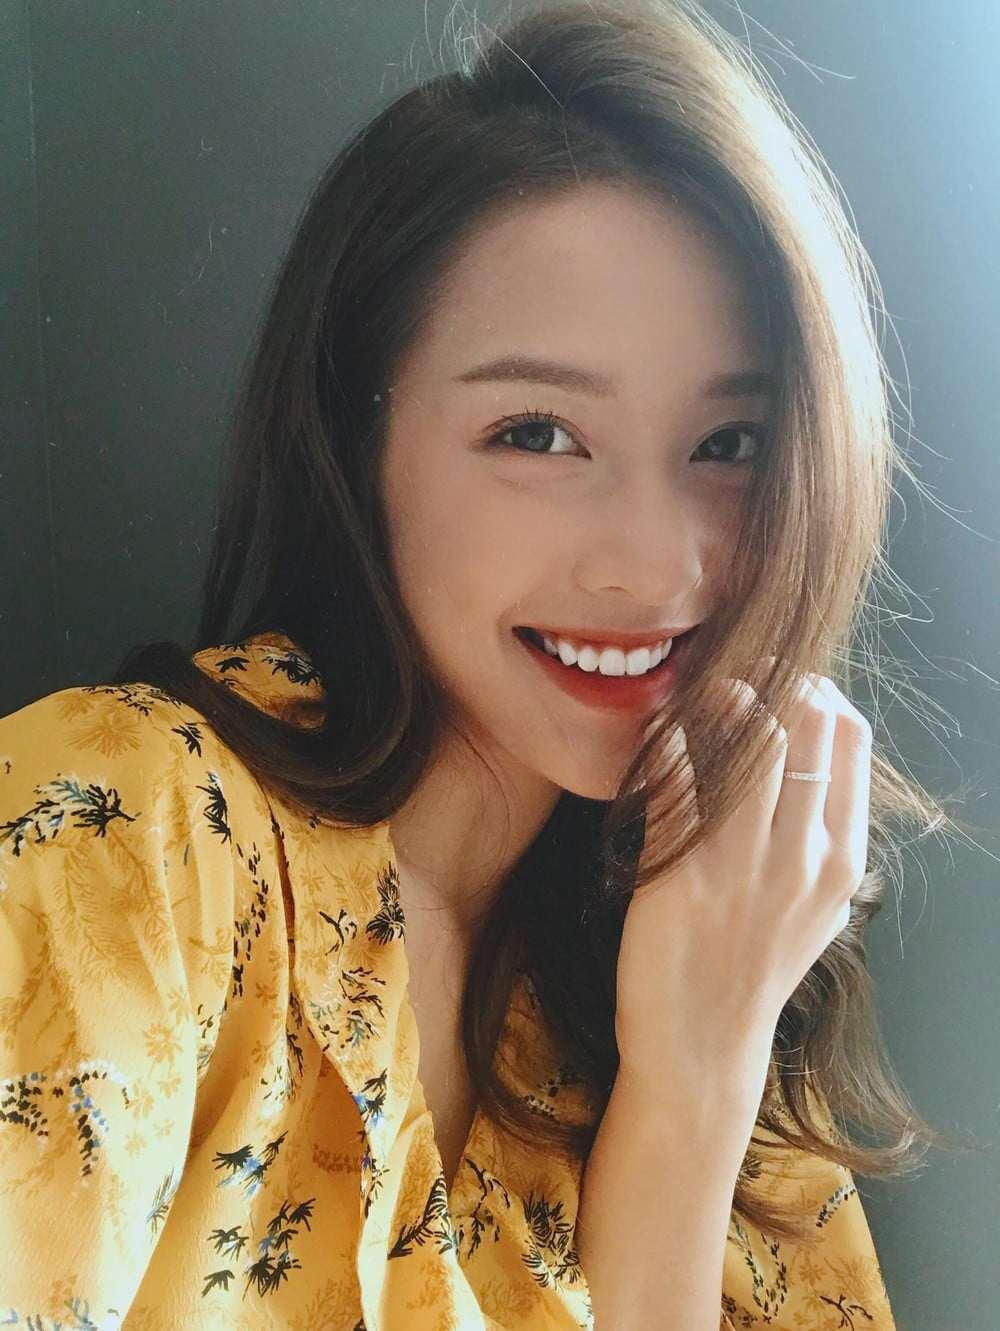 kha ngan - my nhan viet tung dong vaicua song hye kyovao top 100 guong mat dep nhat chau a - 10